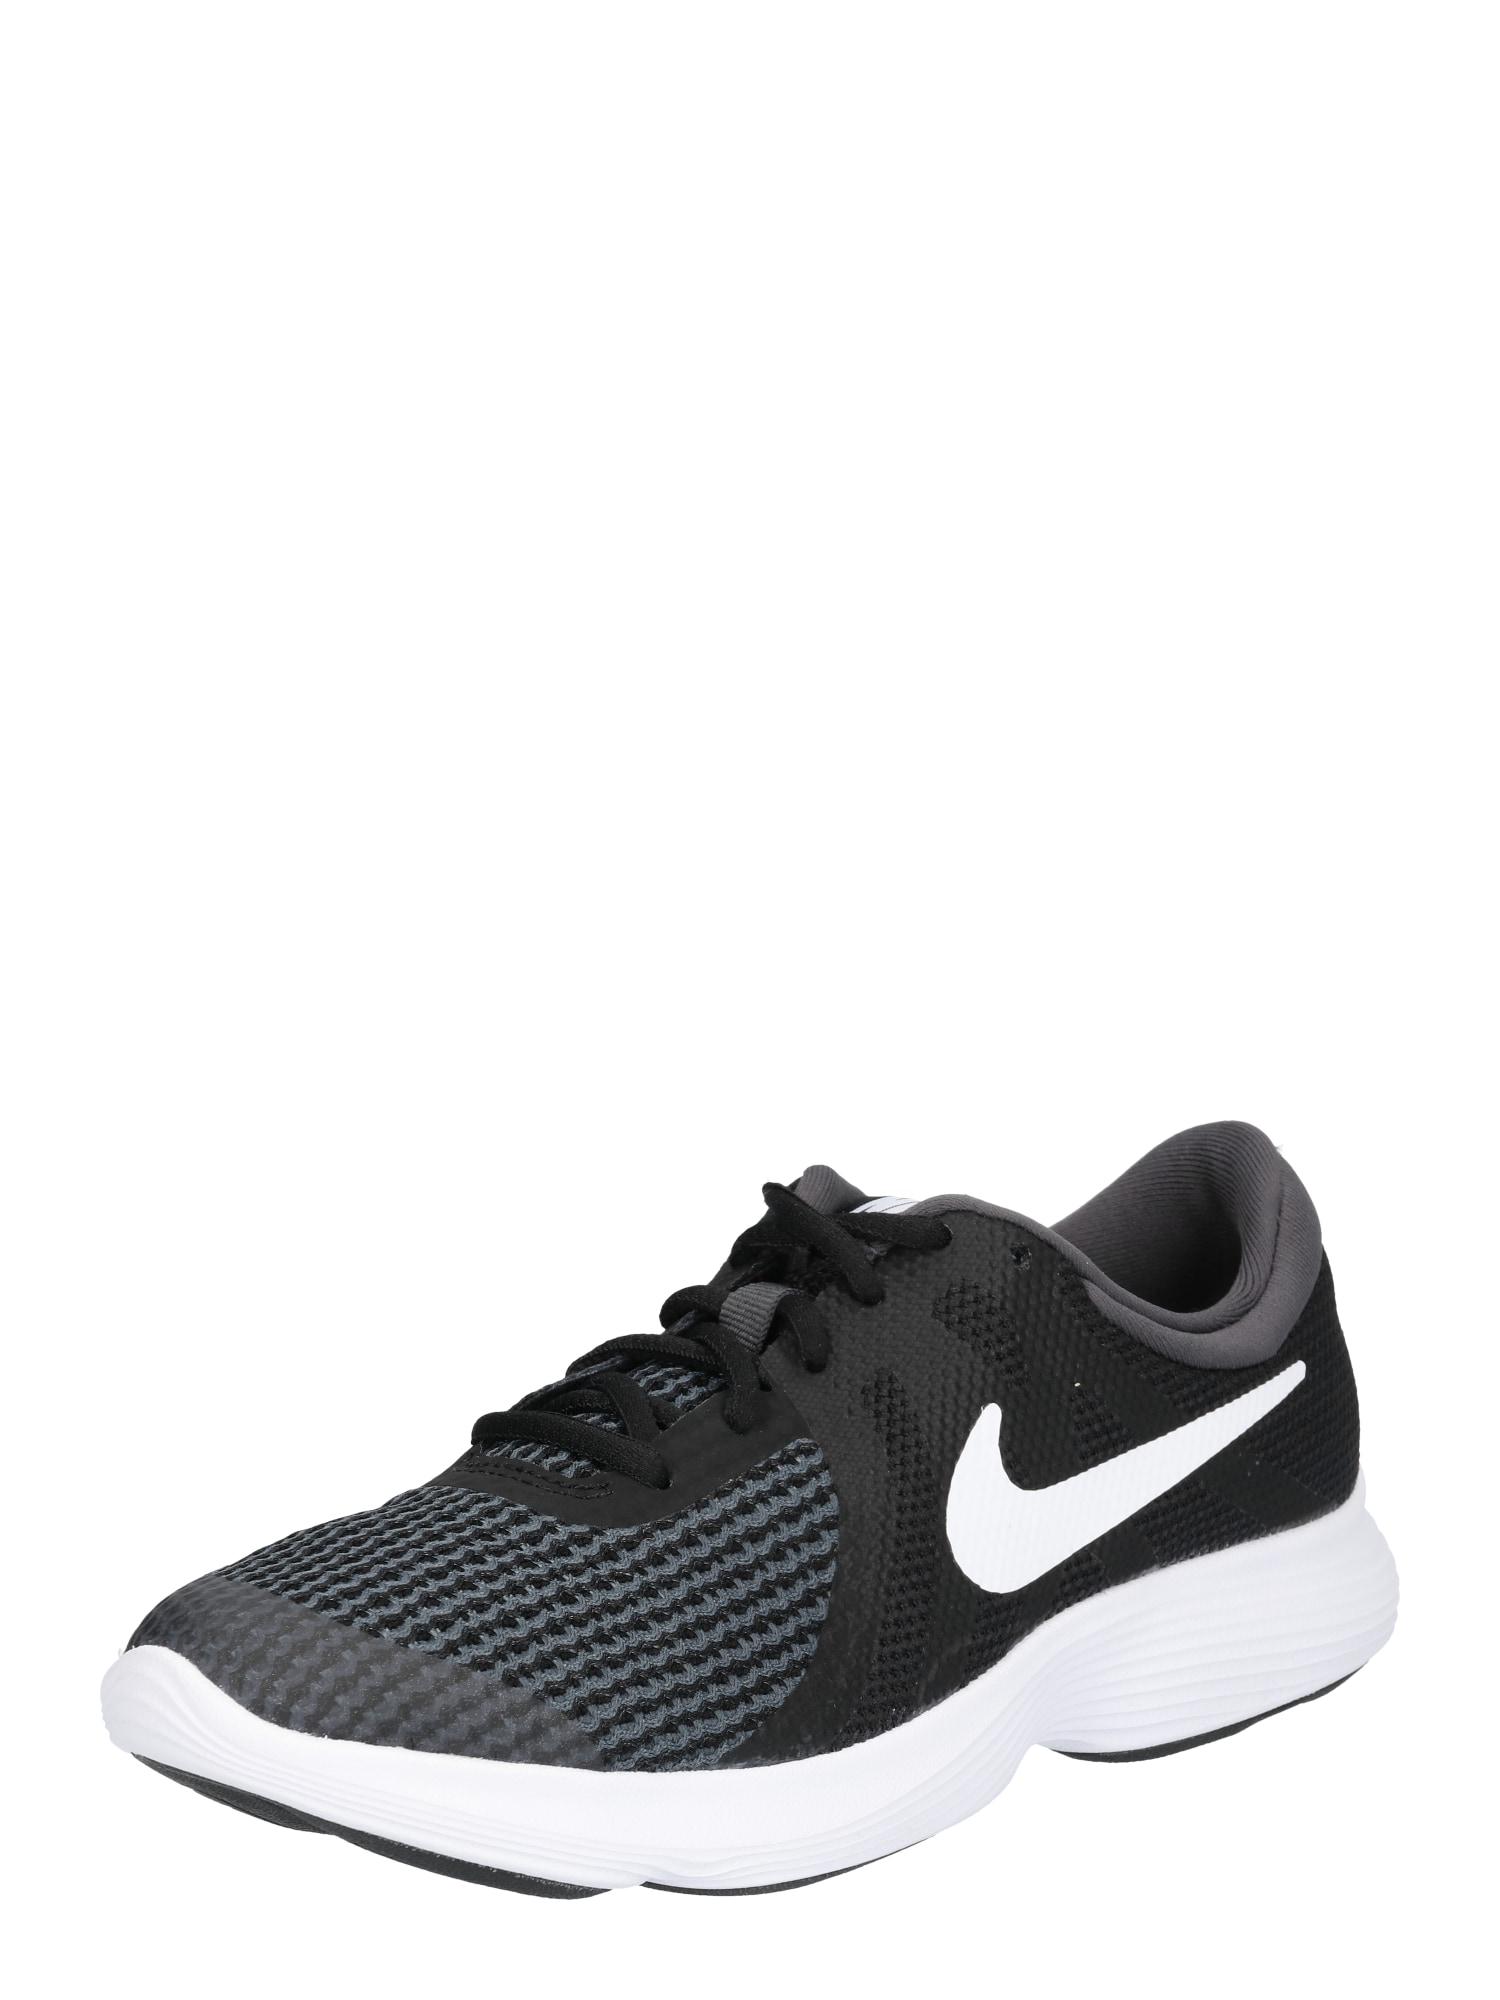 Sportovní boty Revolution 4 (GS) černá bílá NIKE